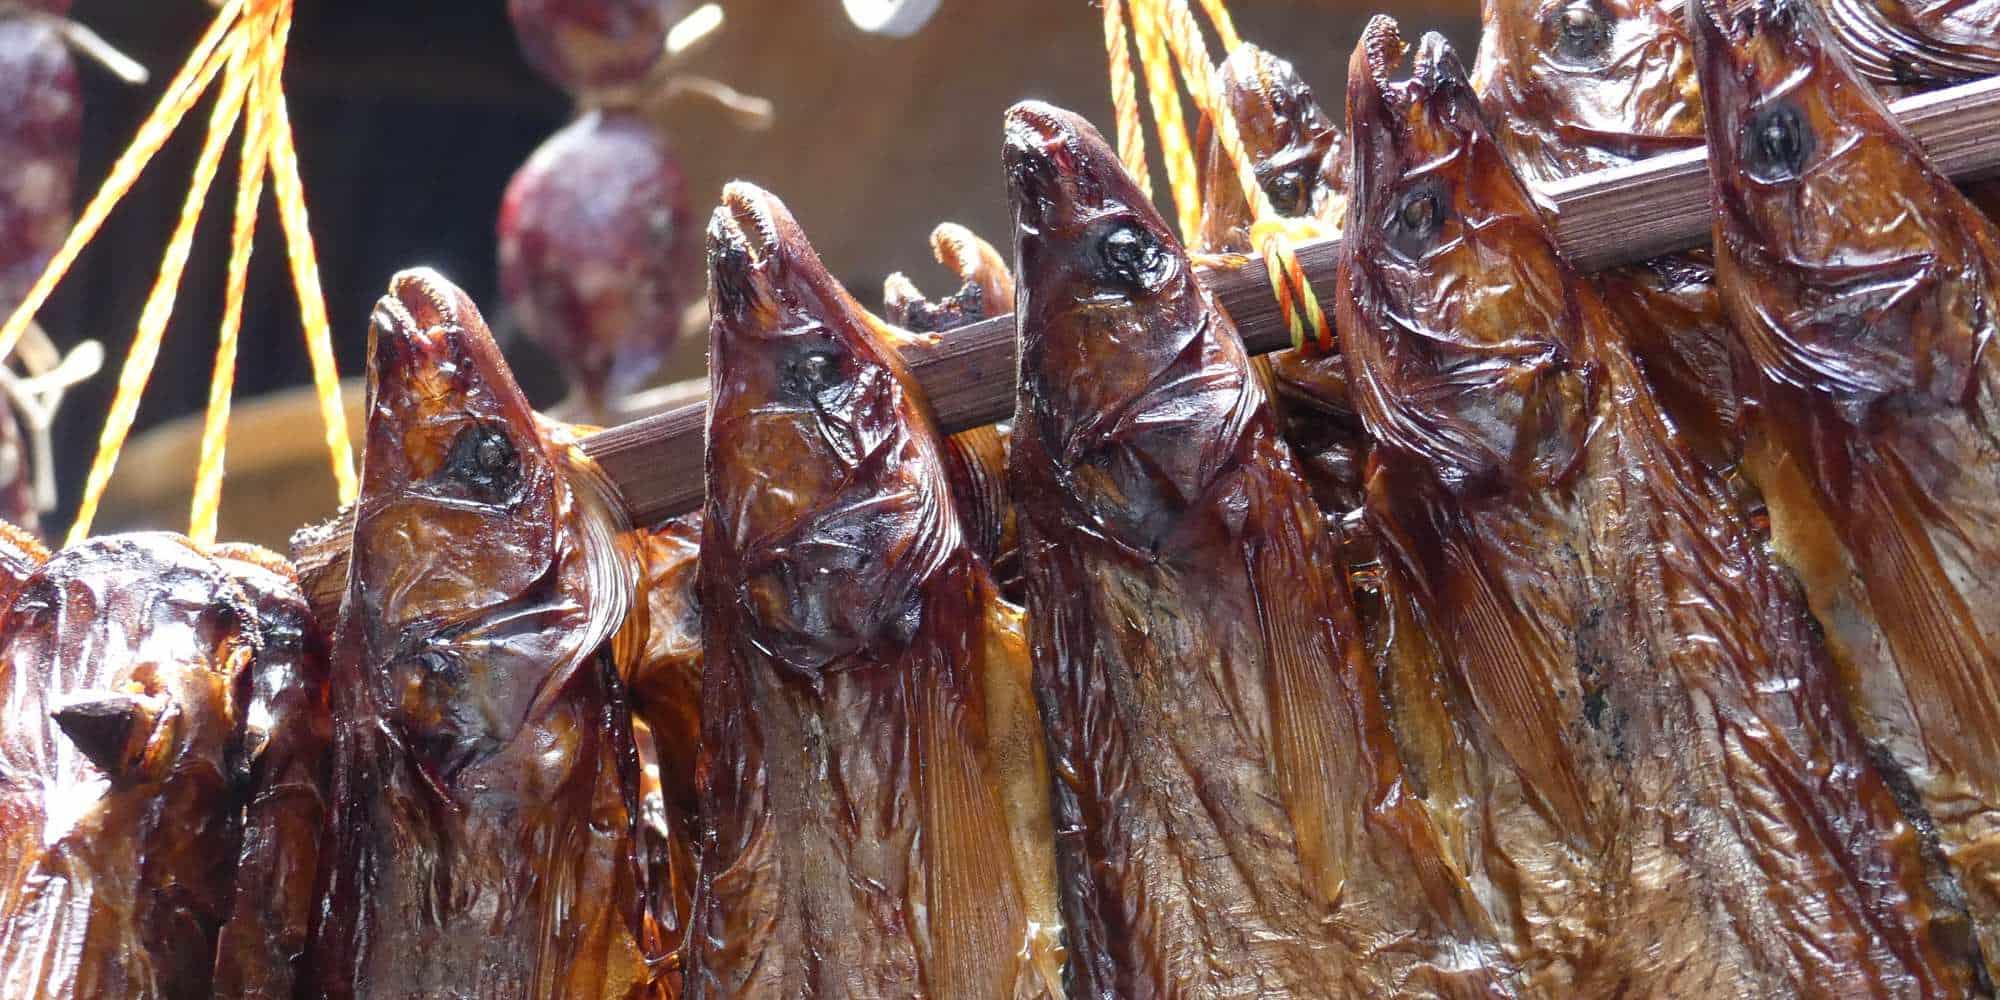 Dry fish market, Cambodia